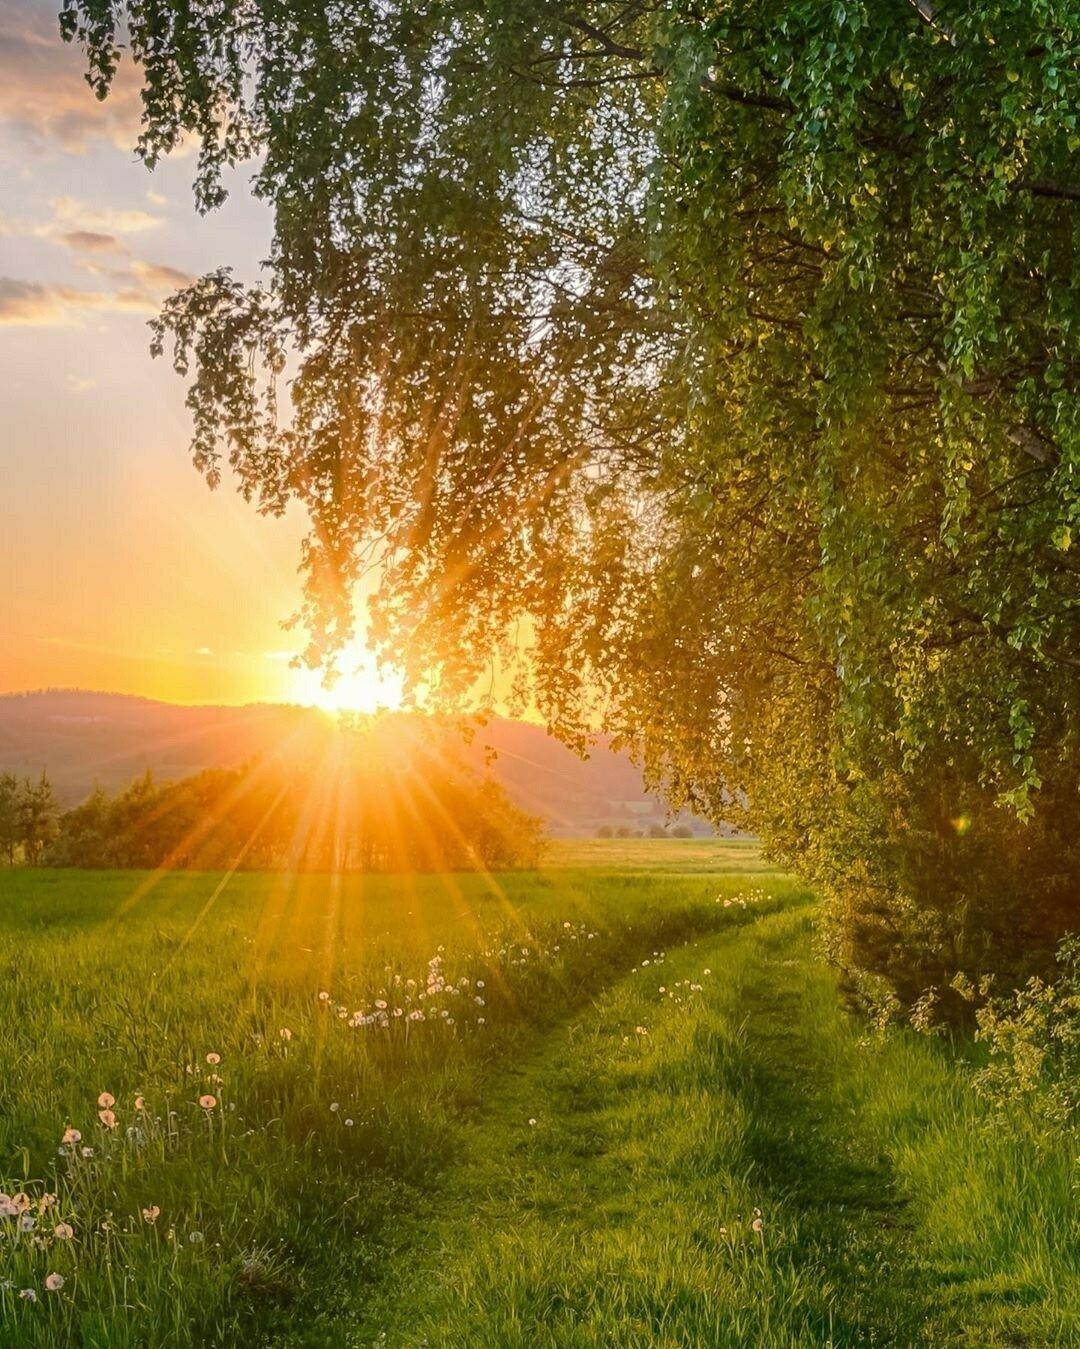 утро лето рассвет солнце красивые картинки однажды